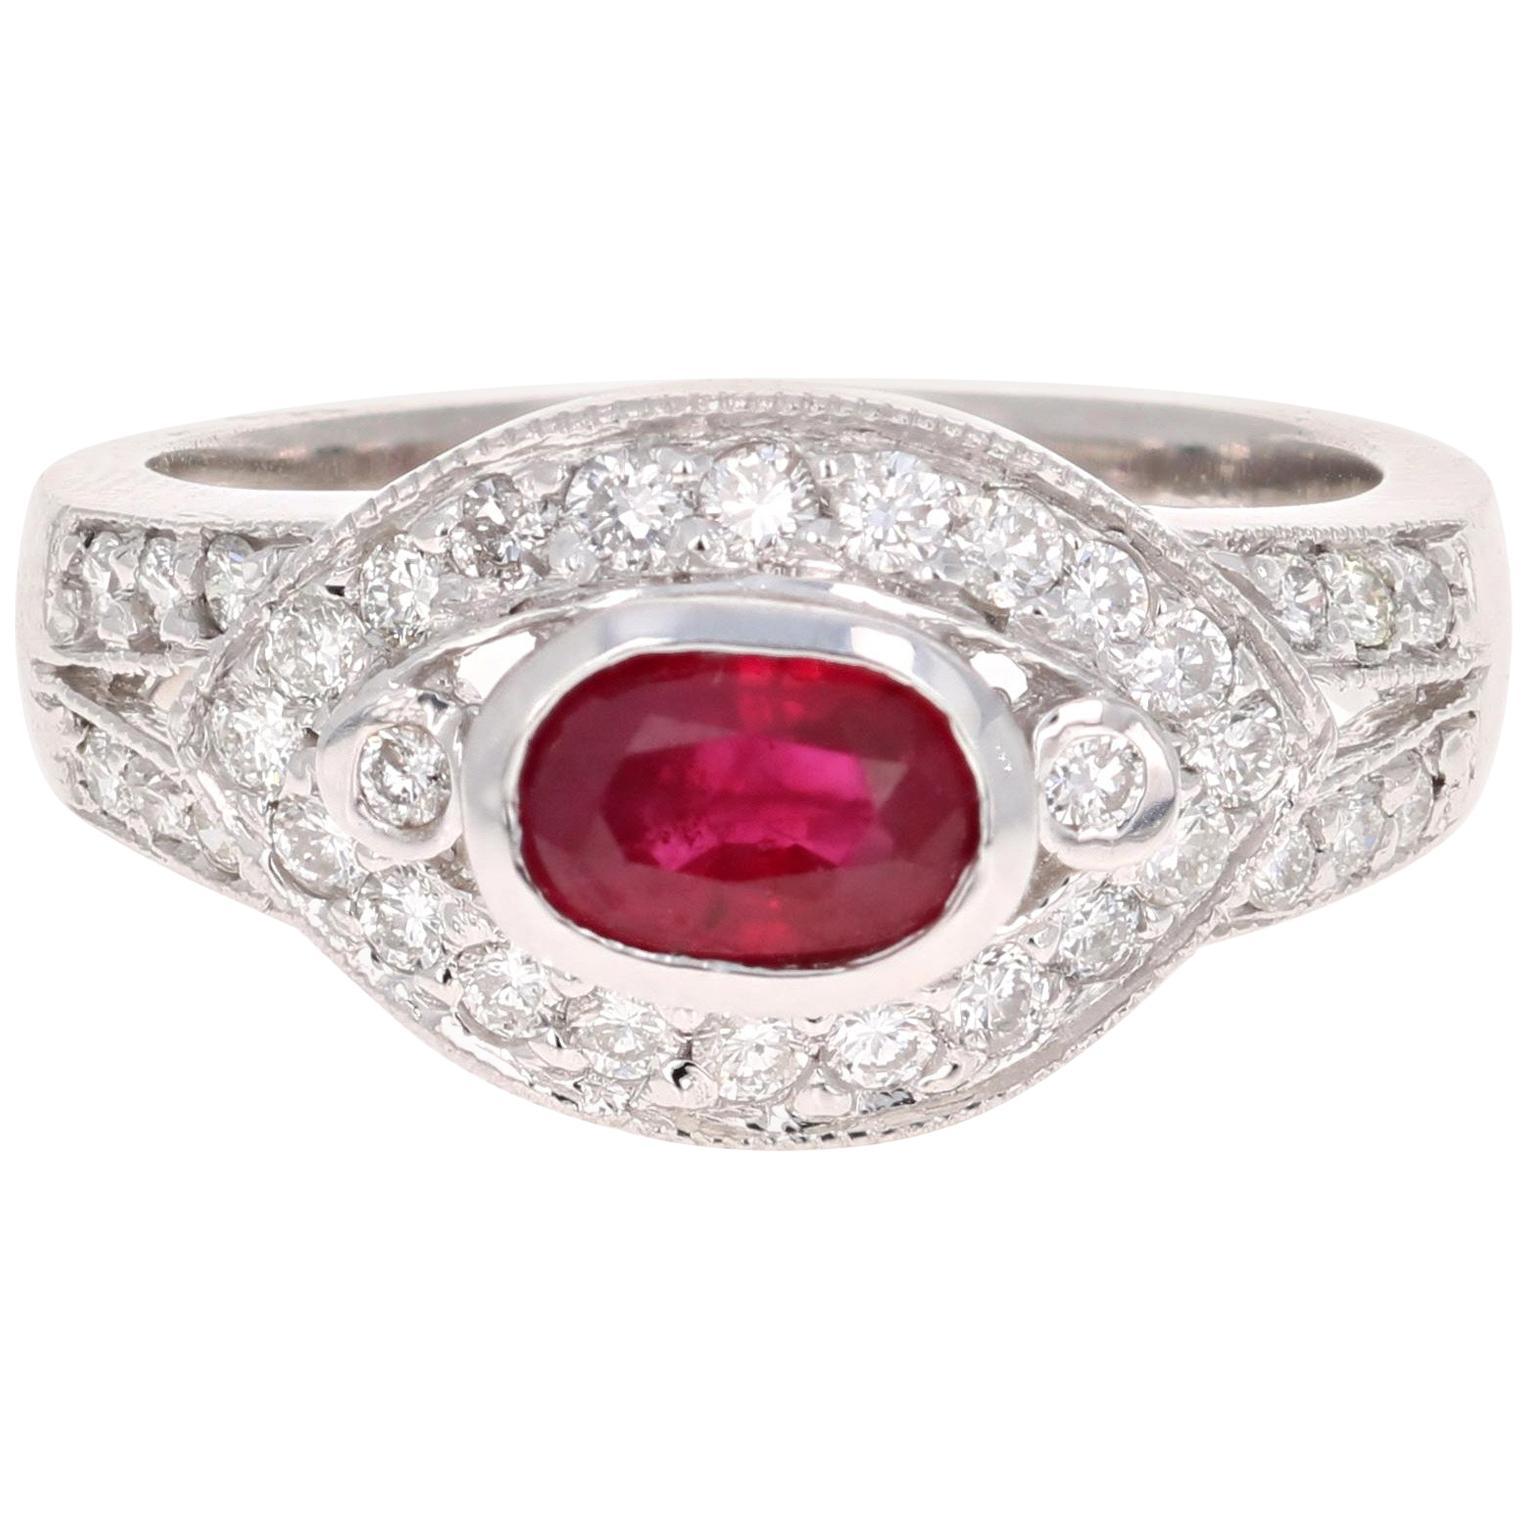 1.51 Carat Oval Cut Burmese Ruby Diamond 14 Karat White Gold Ring Cocktail